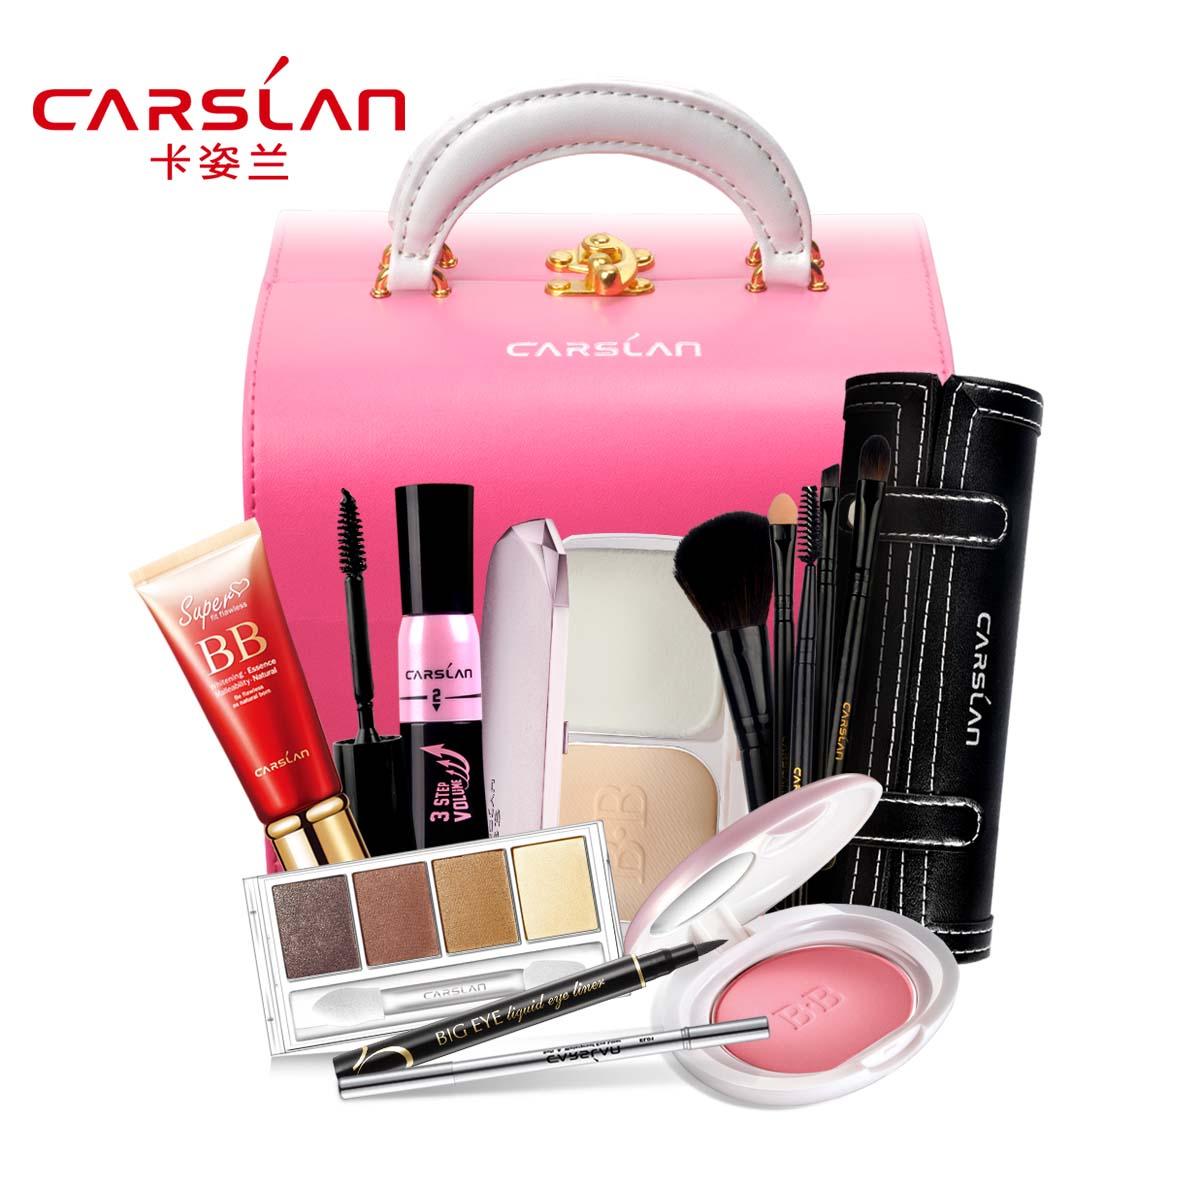 卡姿兰旗舰店甜美粉嫩公主化妆品美妆彩妆套装全套组合彩妆盒正品